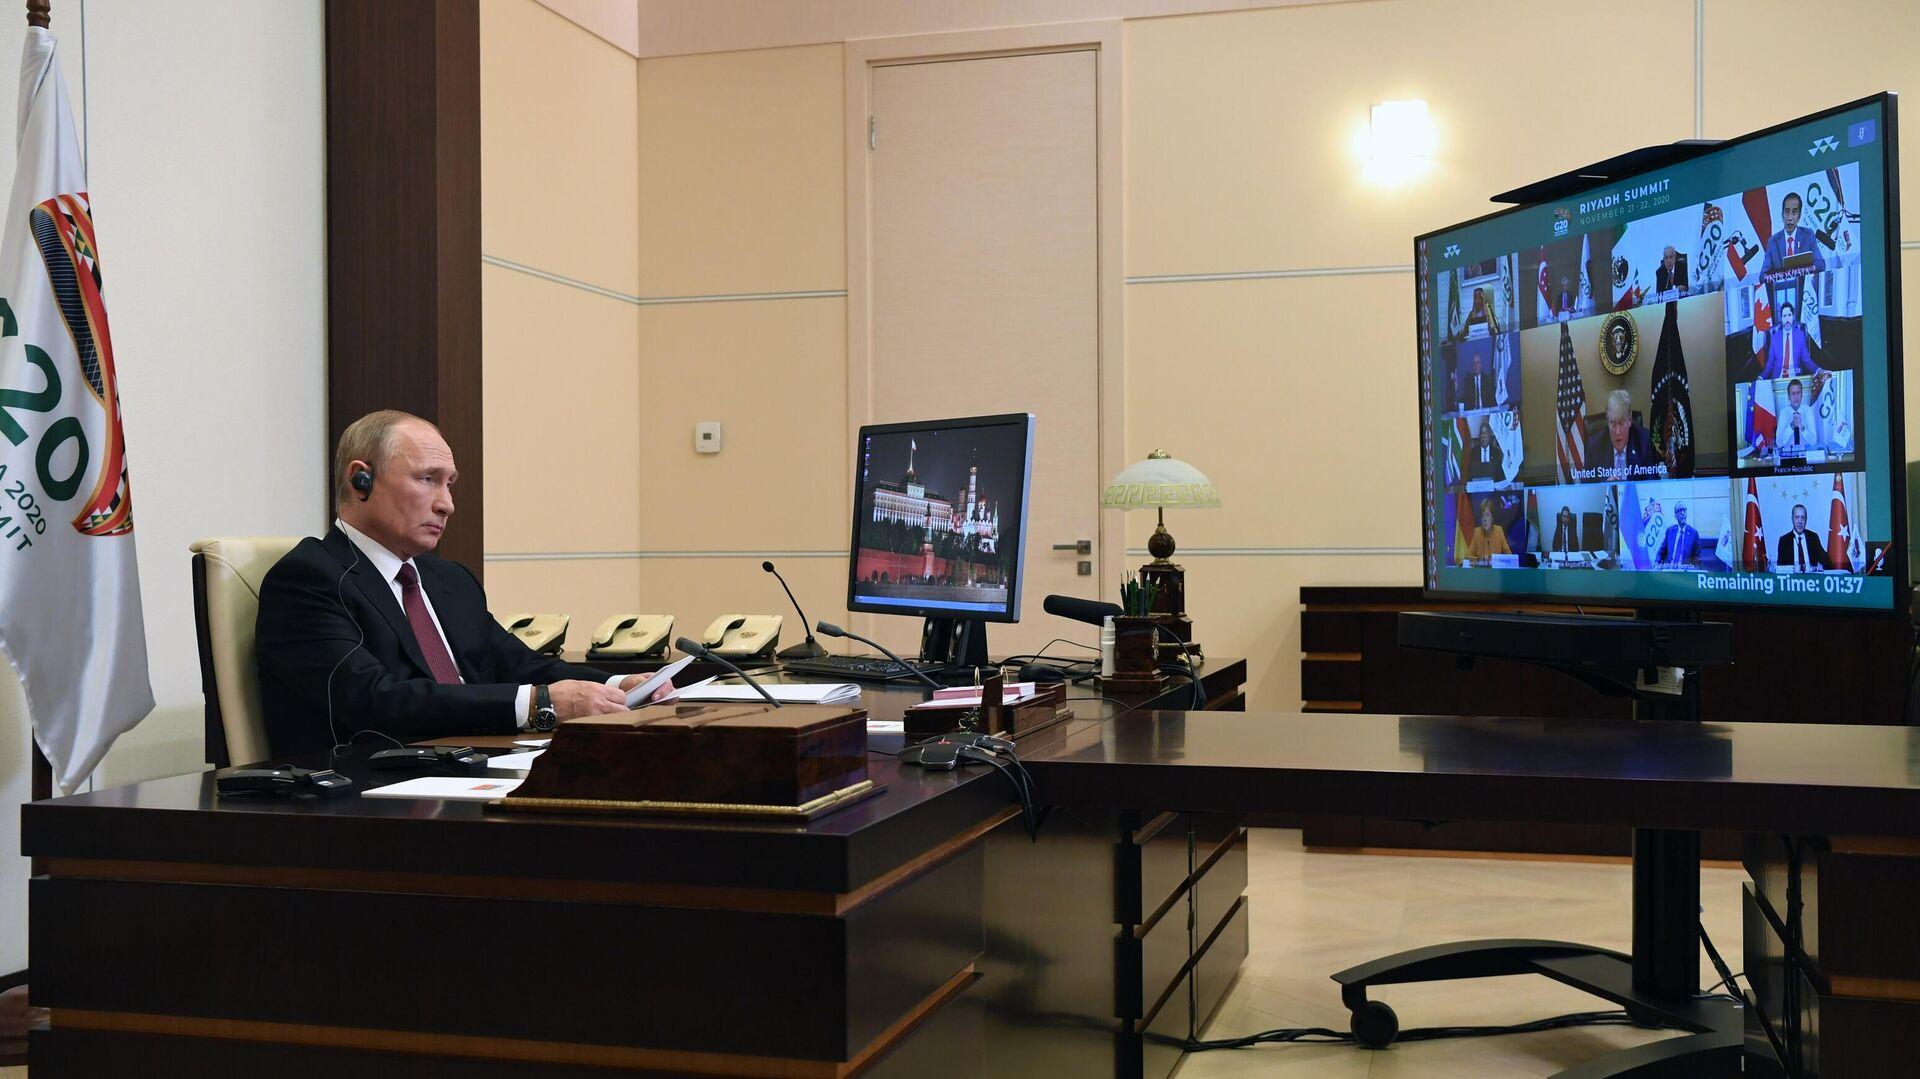 Президент РФ Владимир Путин принимает участие в работе саммита Группы двадцати в режиме видеоконференции - РИА Новости, 1920, 22.11.2020